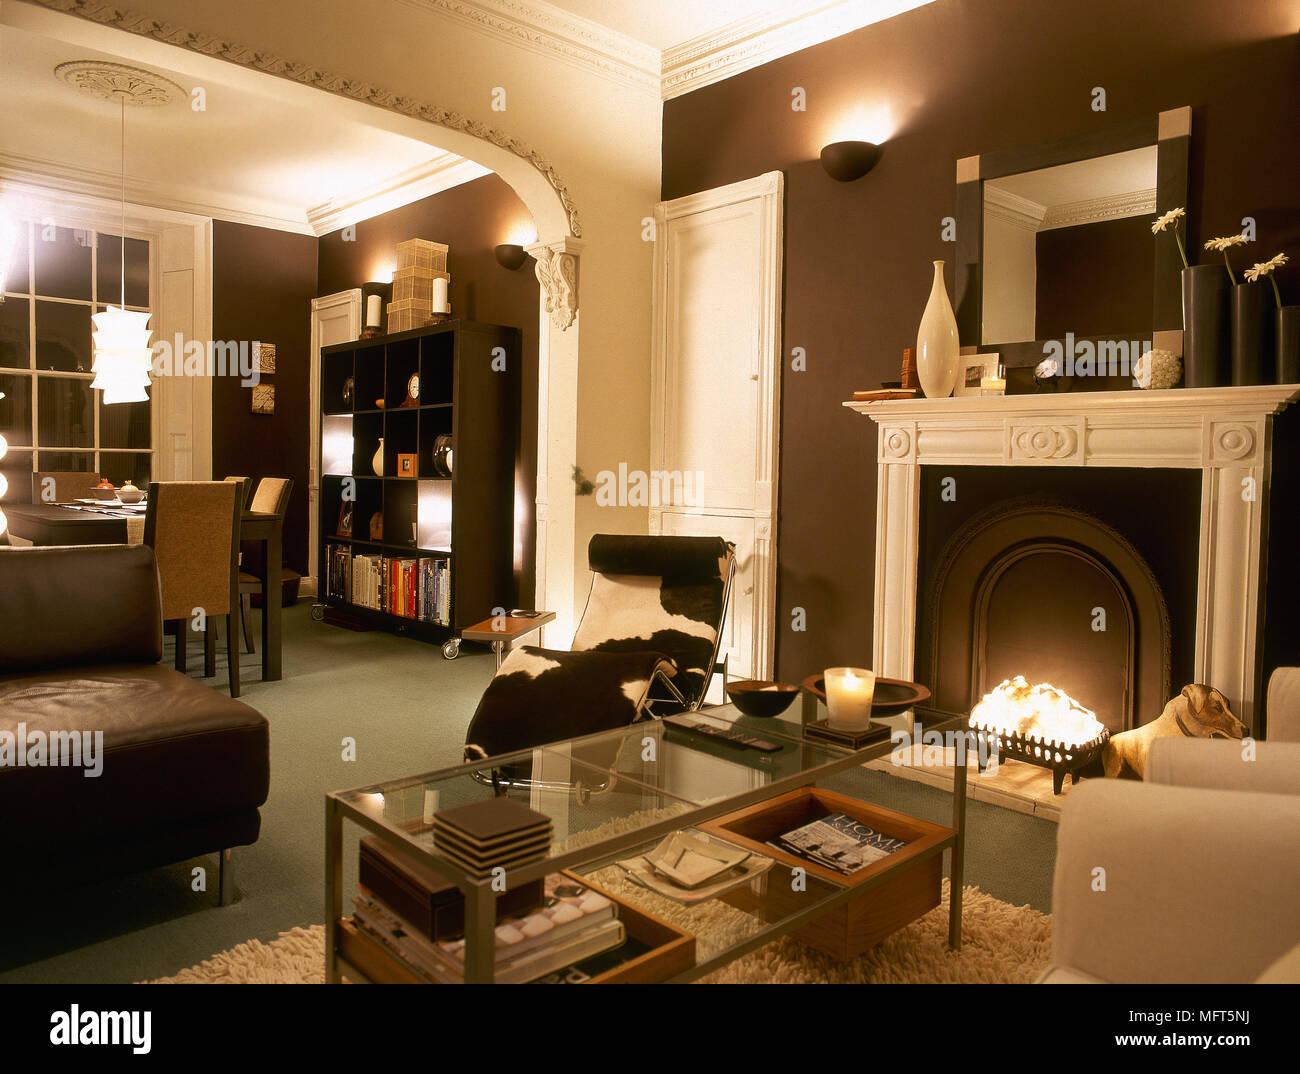 Ein Modernes, Offenes Wohnzimmer Mit Essbereich, Kamin, Couchtisch Aus  Glas, Le Corbusier Sessel,